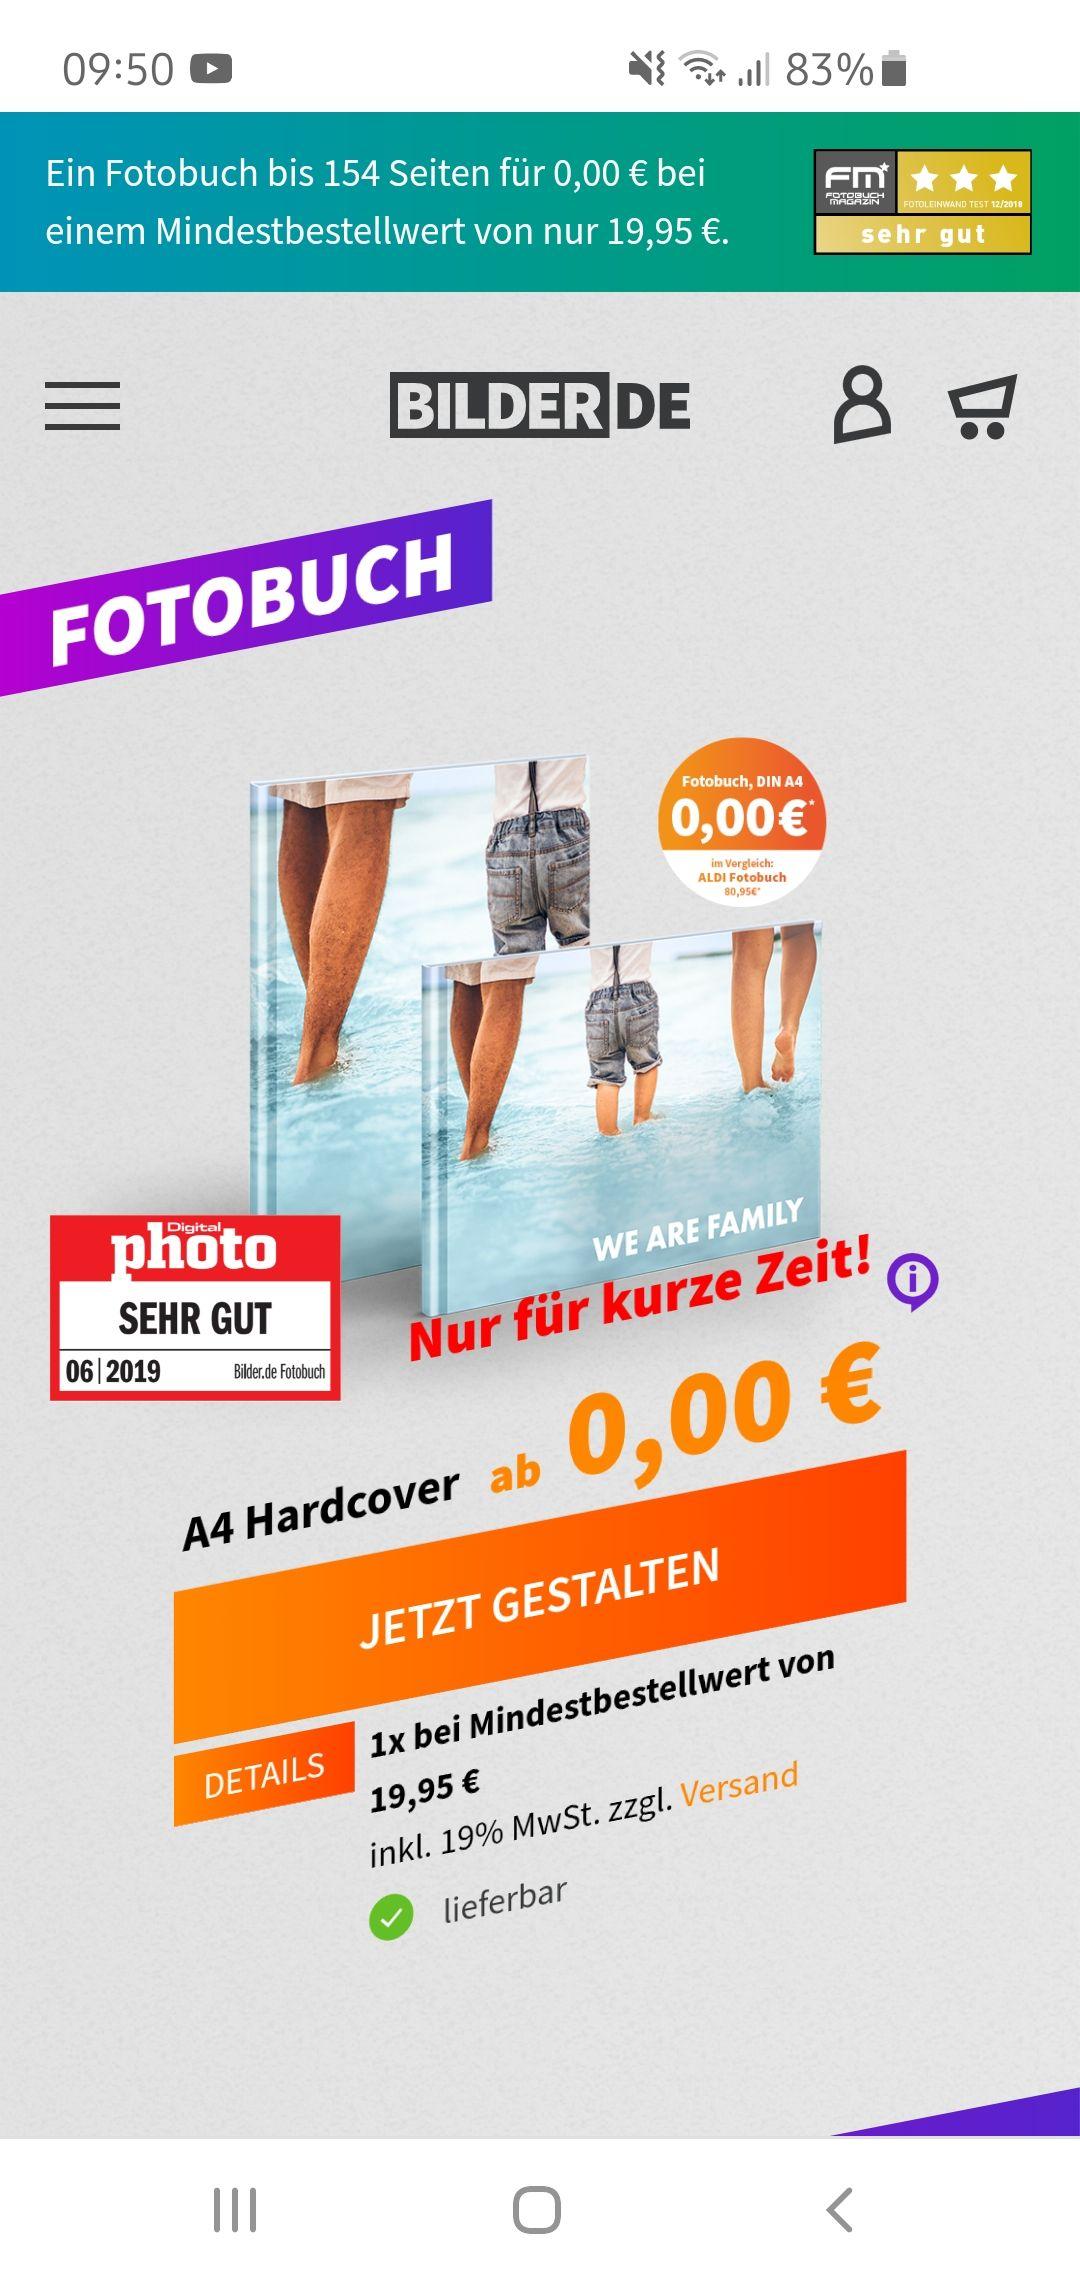 Kostenloses Fotobuch mit 154 Seiten bei einem Einkauf von 19.95€(z.b Leinwand 90x60cm)